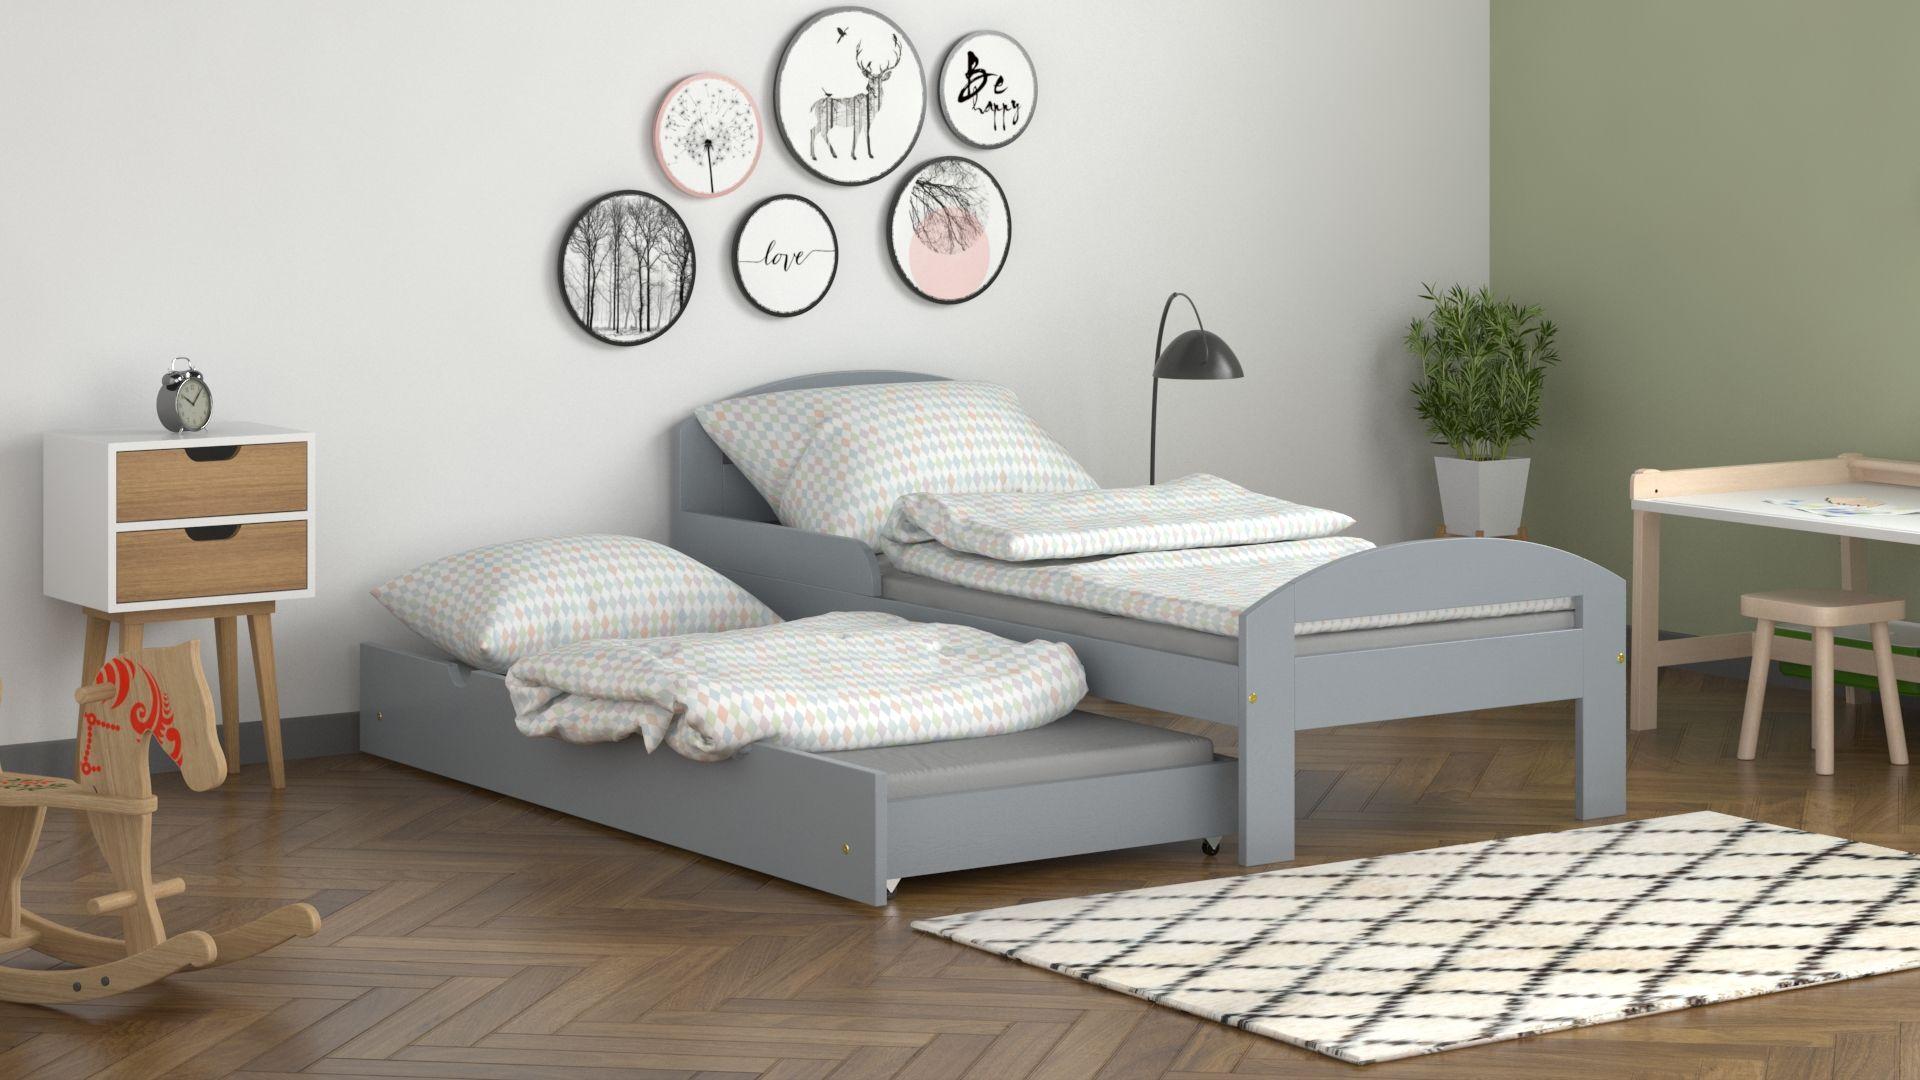 Łóżko dla dzieci Timon Duo